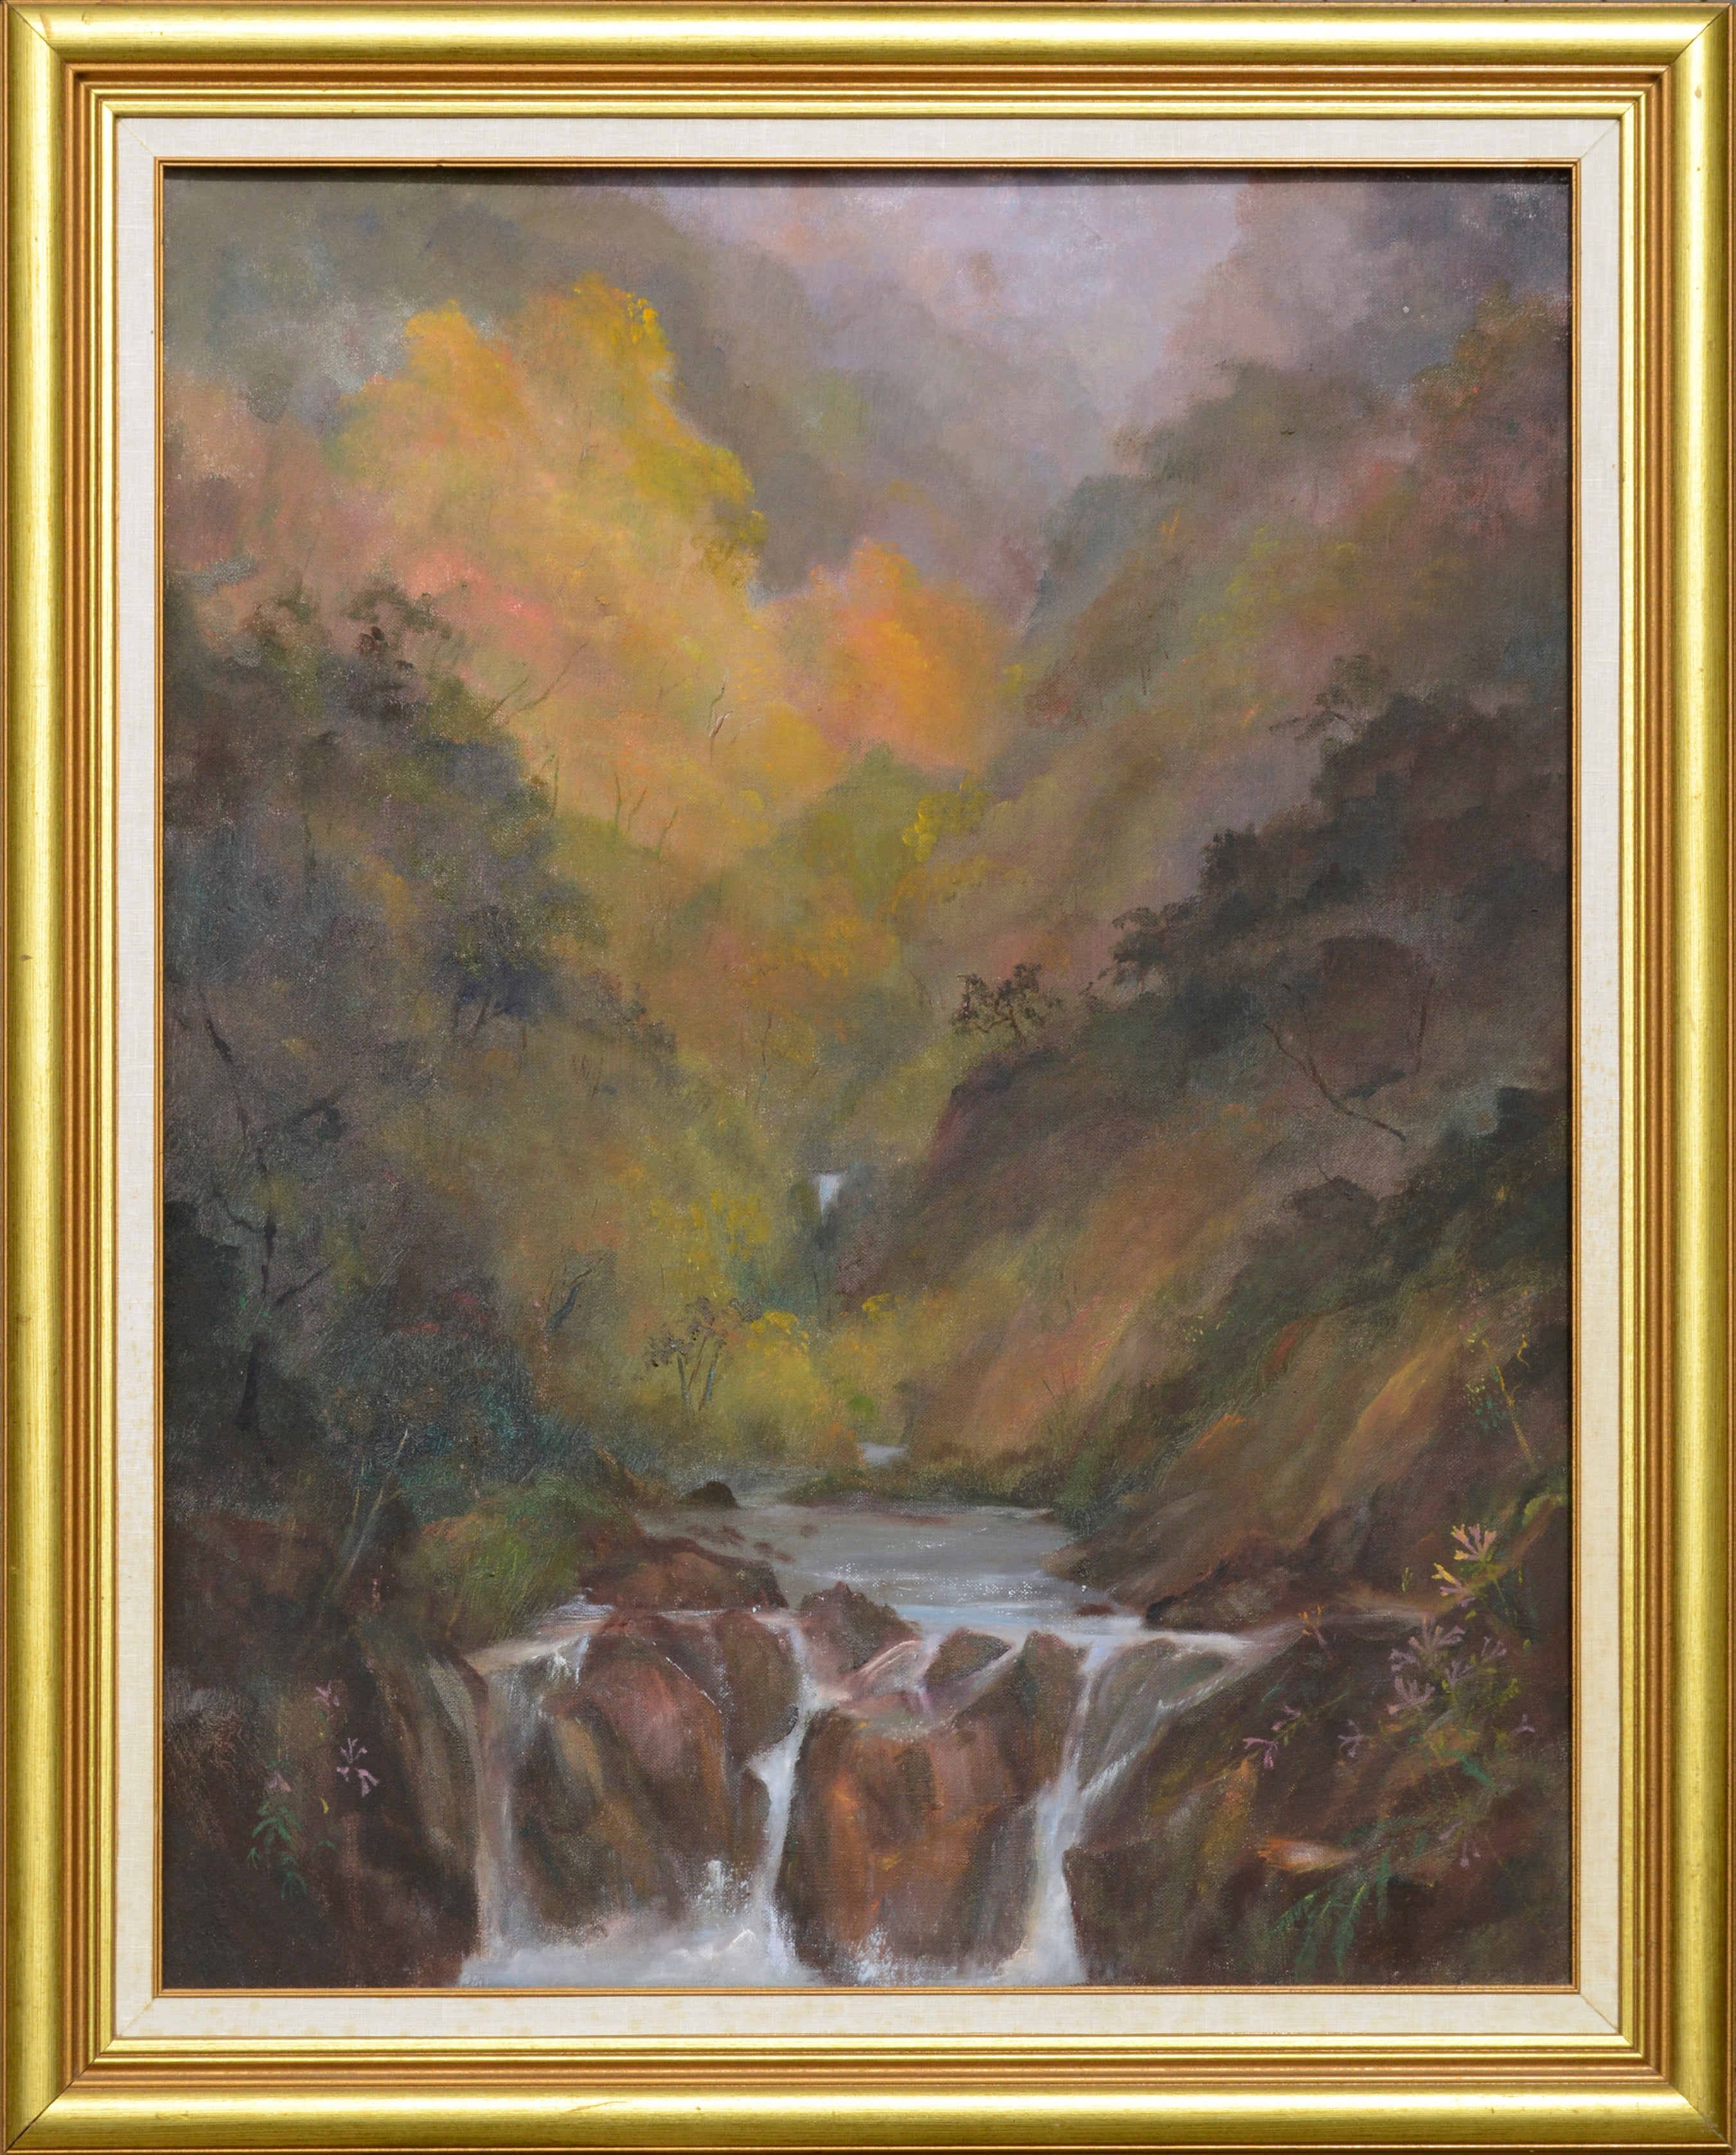 Waterfall in a Misty Valley - Landscape